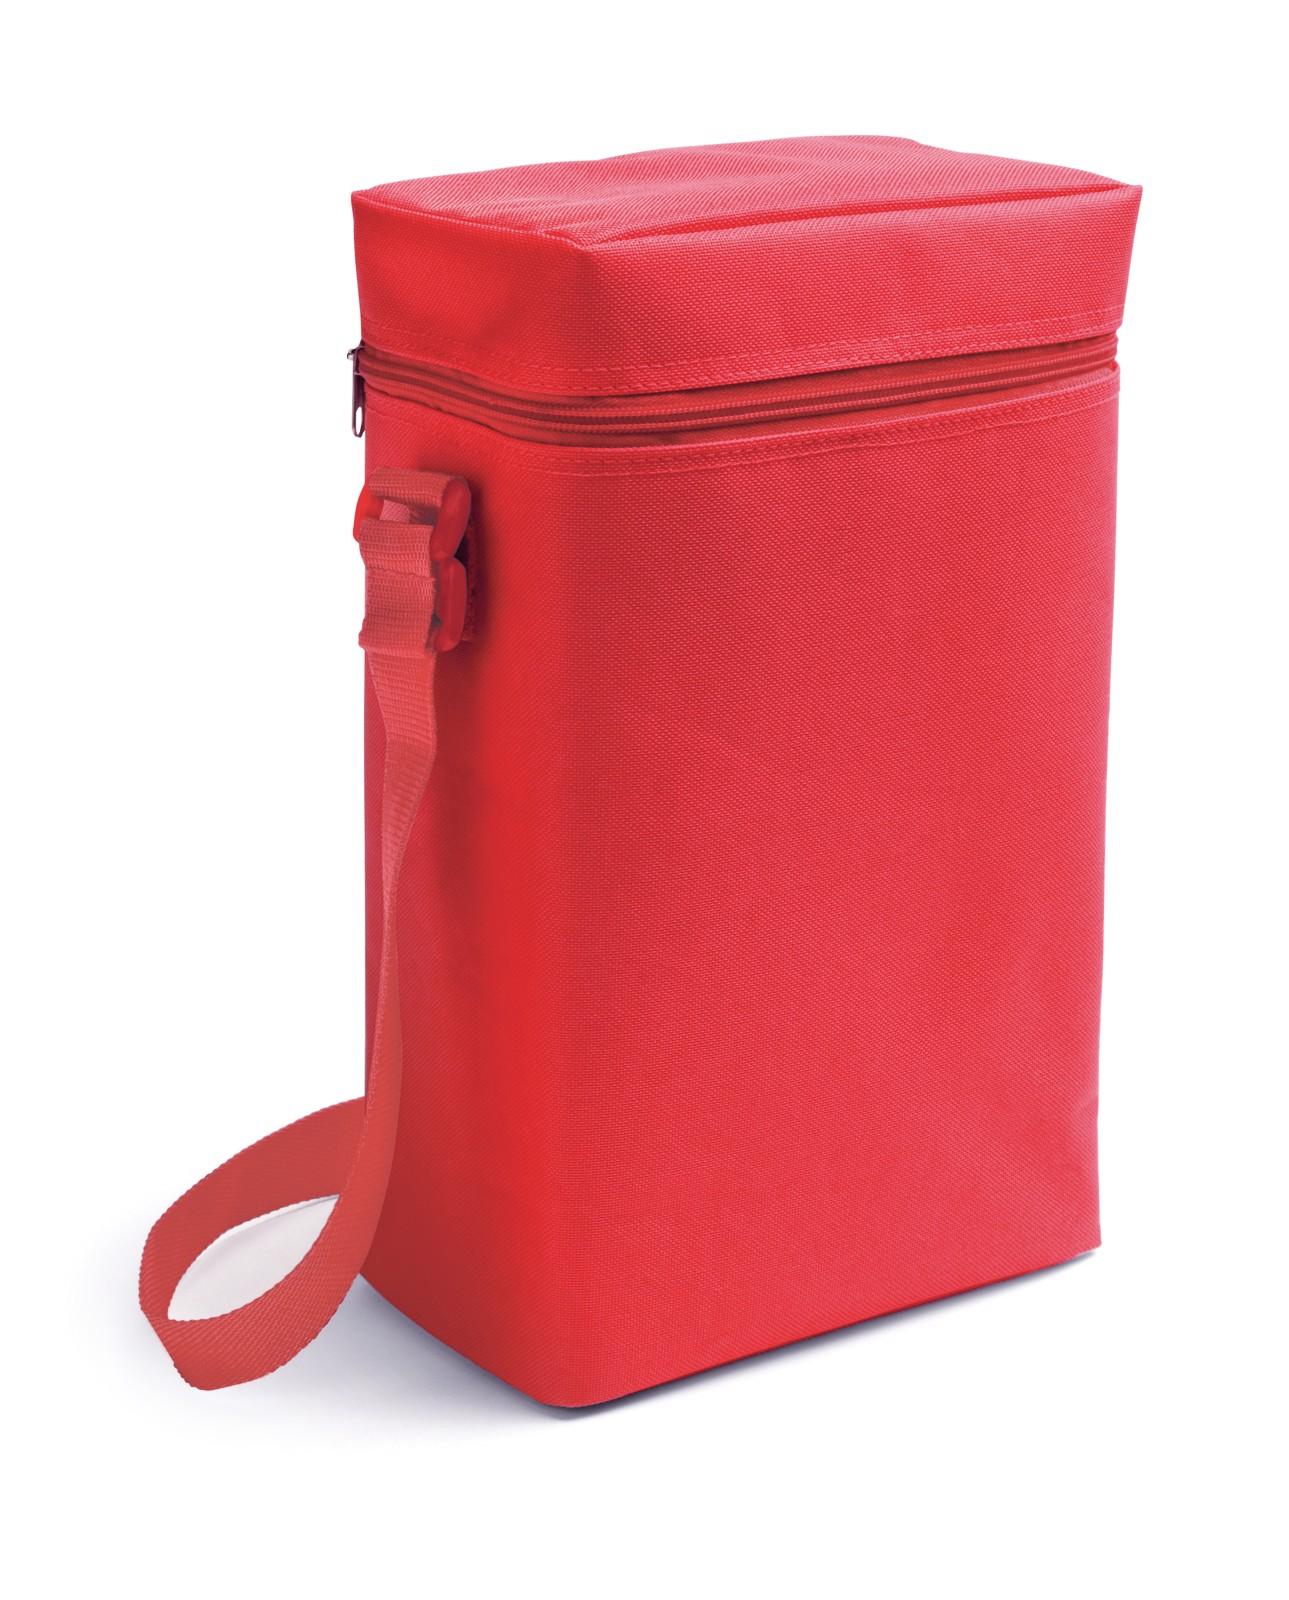 JAKARTA. Cooler bag in 600D - Red